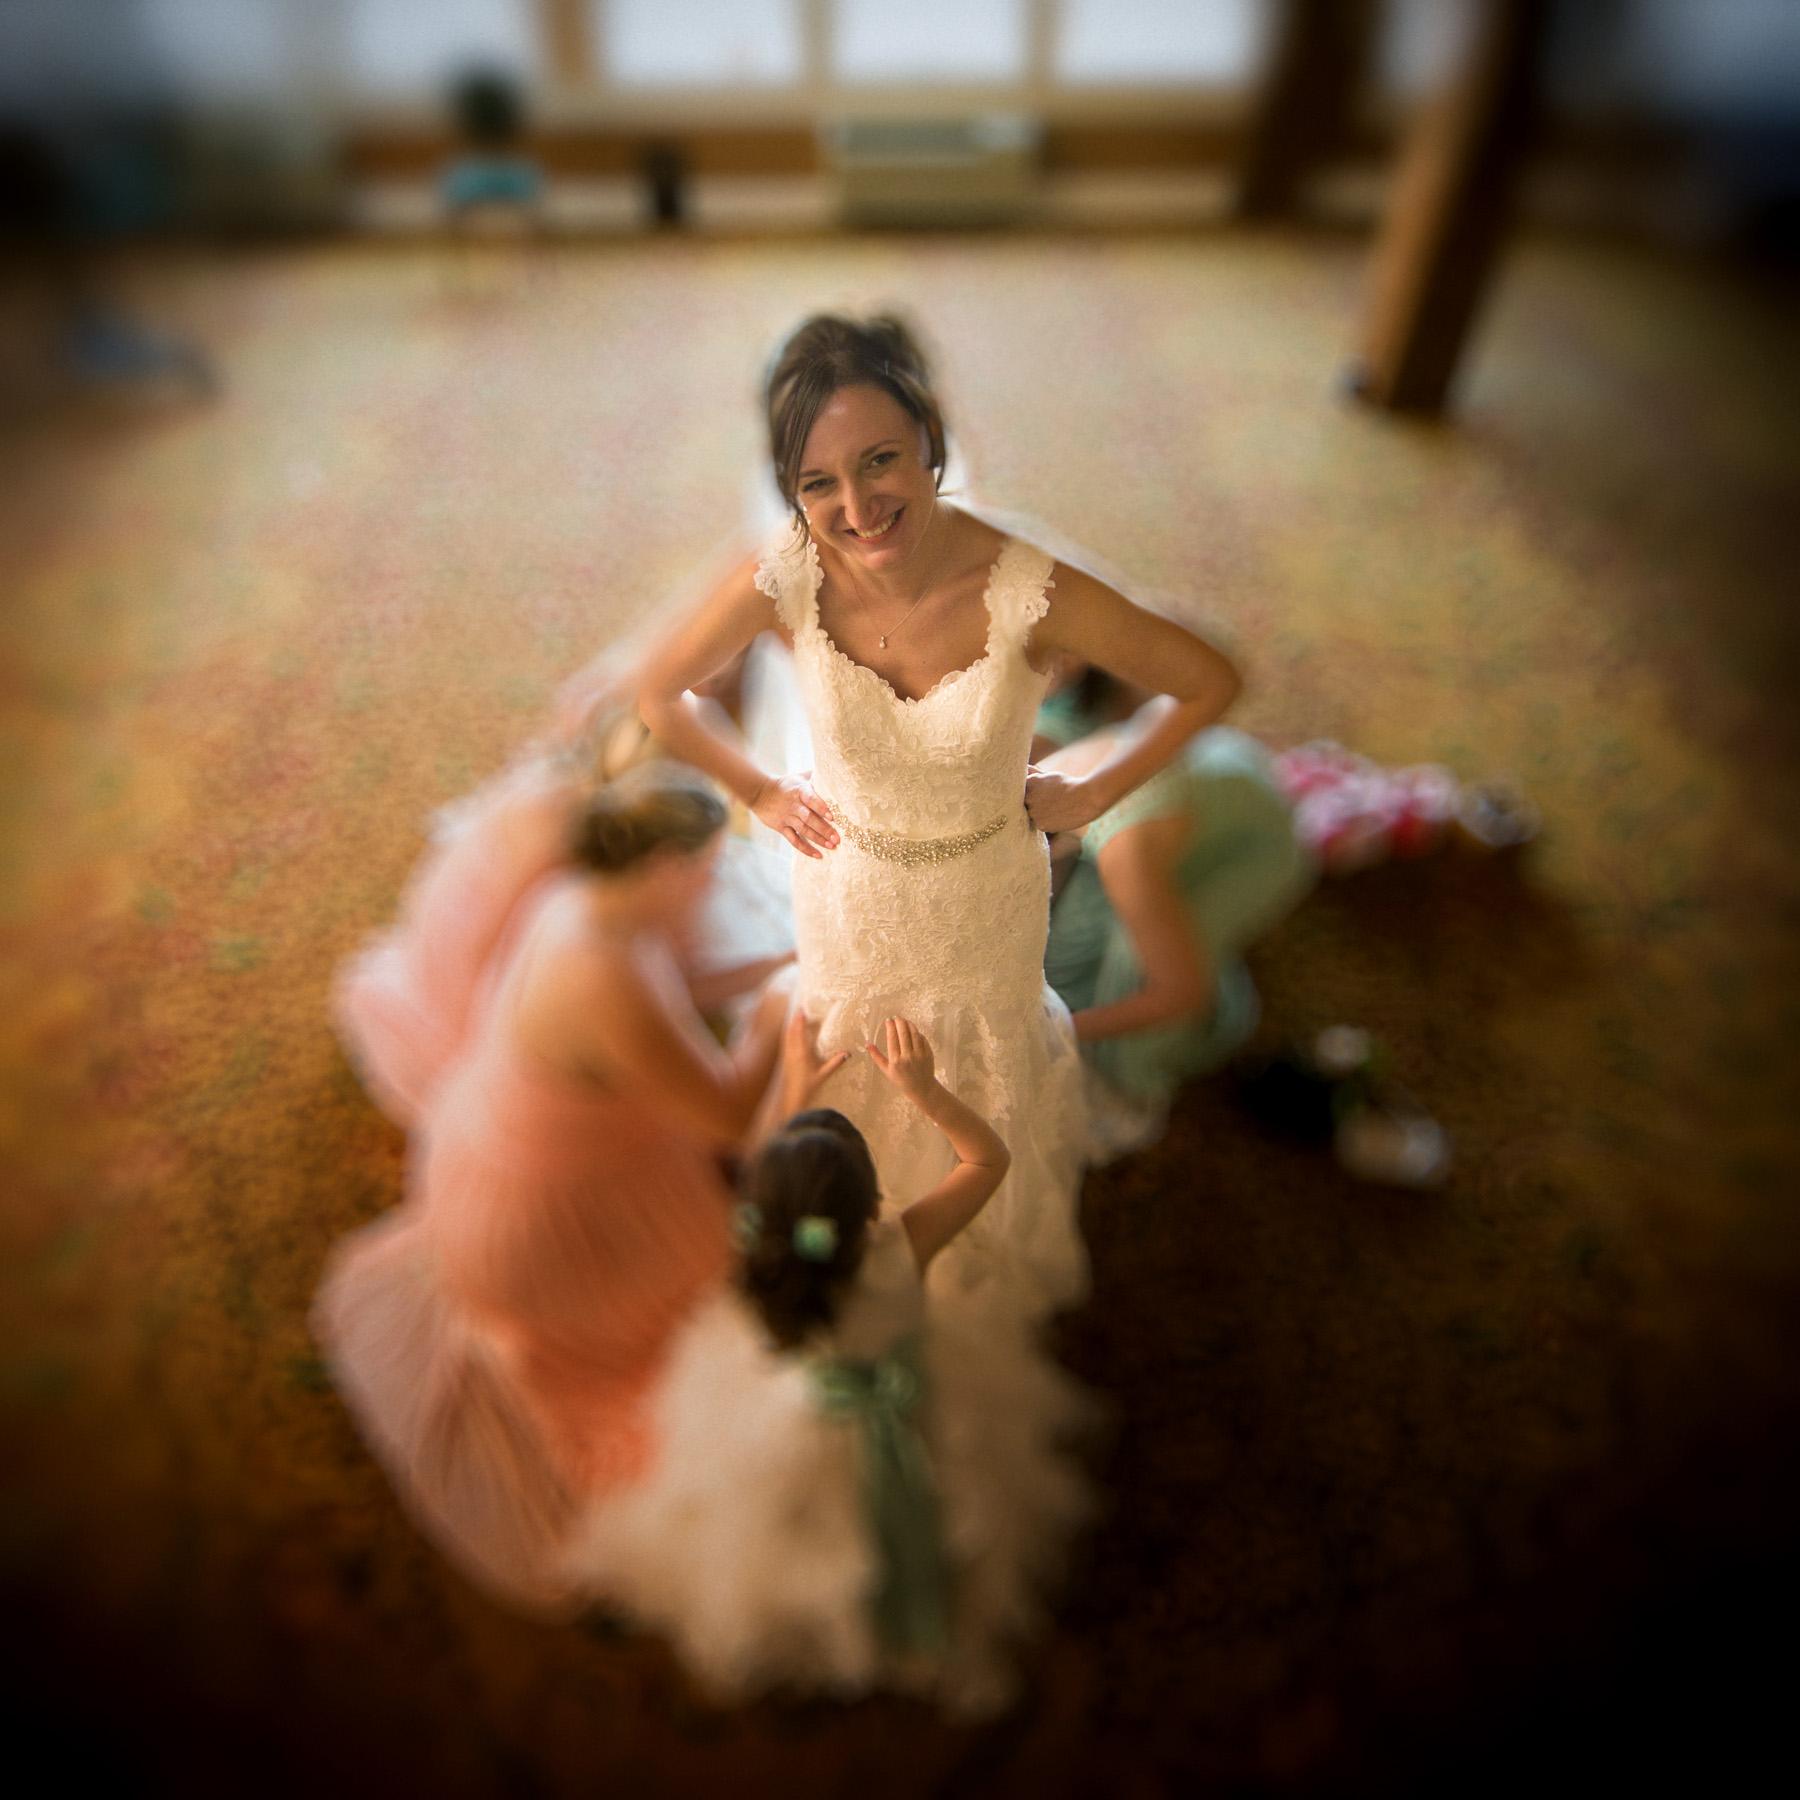 Bride getting her dress bustled at Samoset Resort wedding.